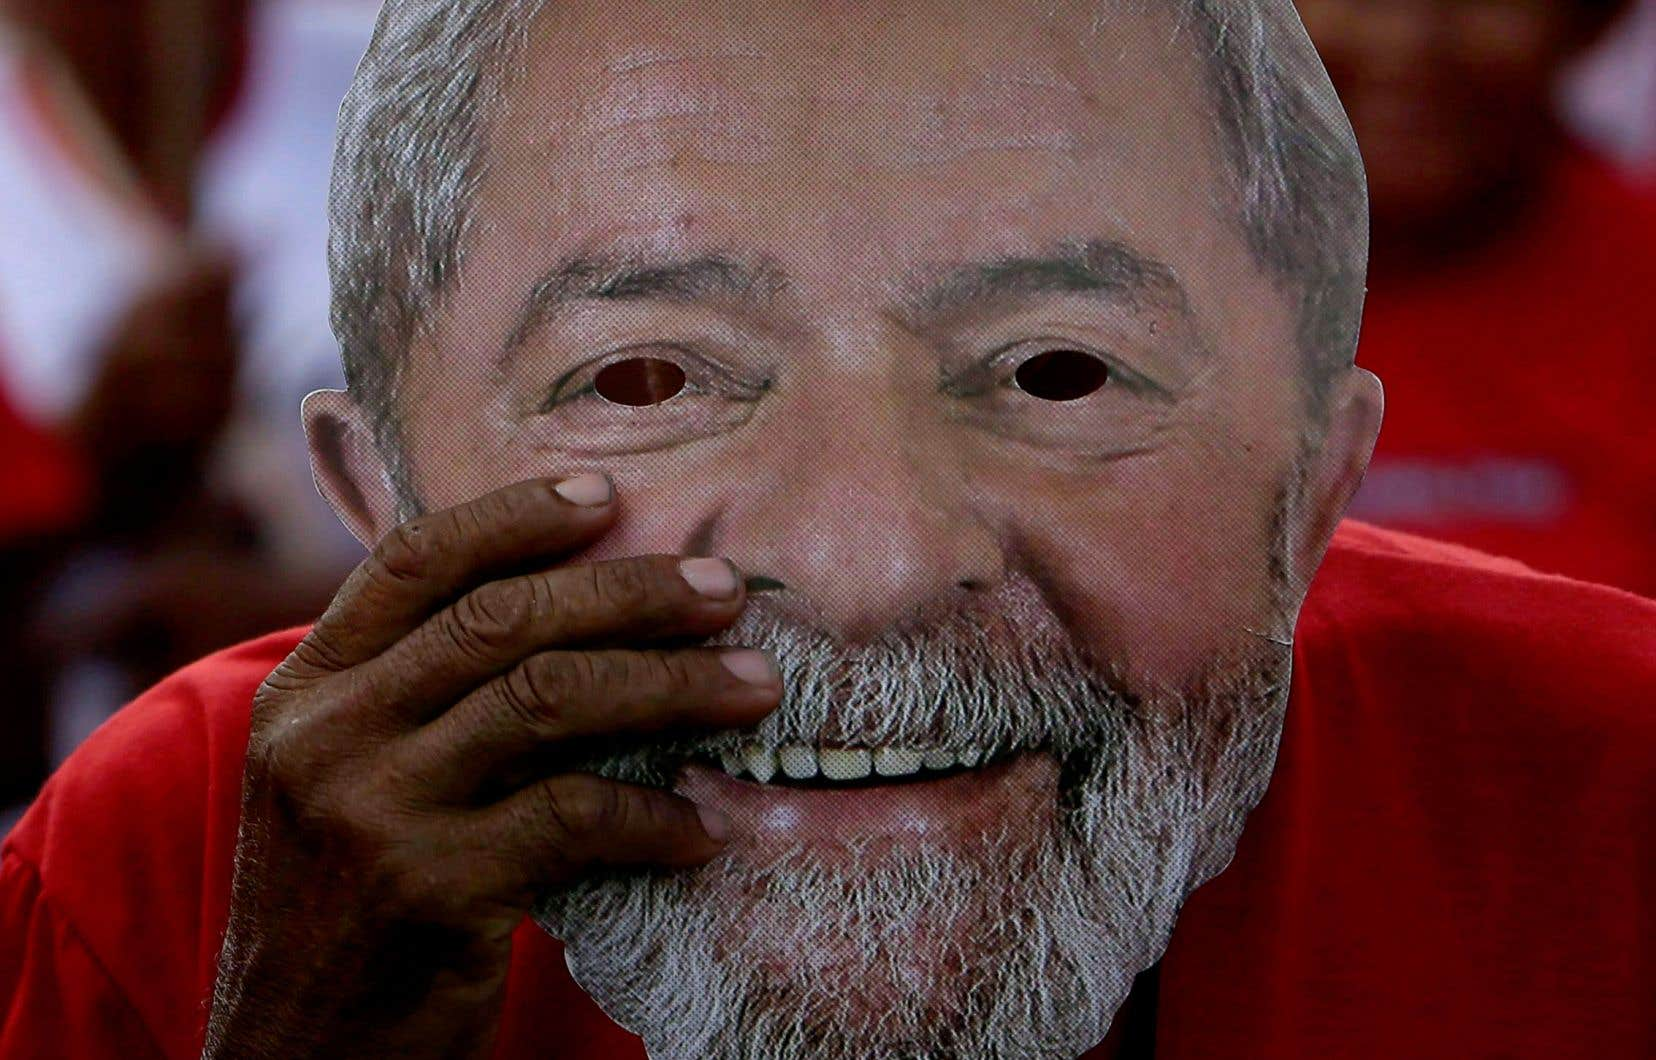 Les partisans de l'ex-président brésilien Lula sont mobilisés depuis plusieurs jours pour réclamer qu'il puisse, malgré son incarcération, se présenter à l'élection présidentielle d'octobre.